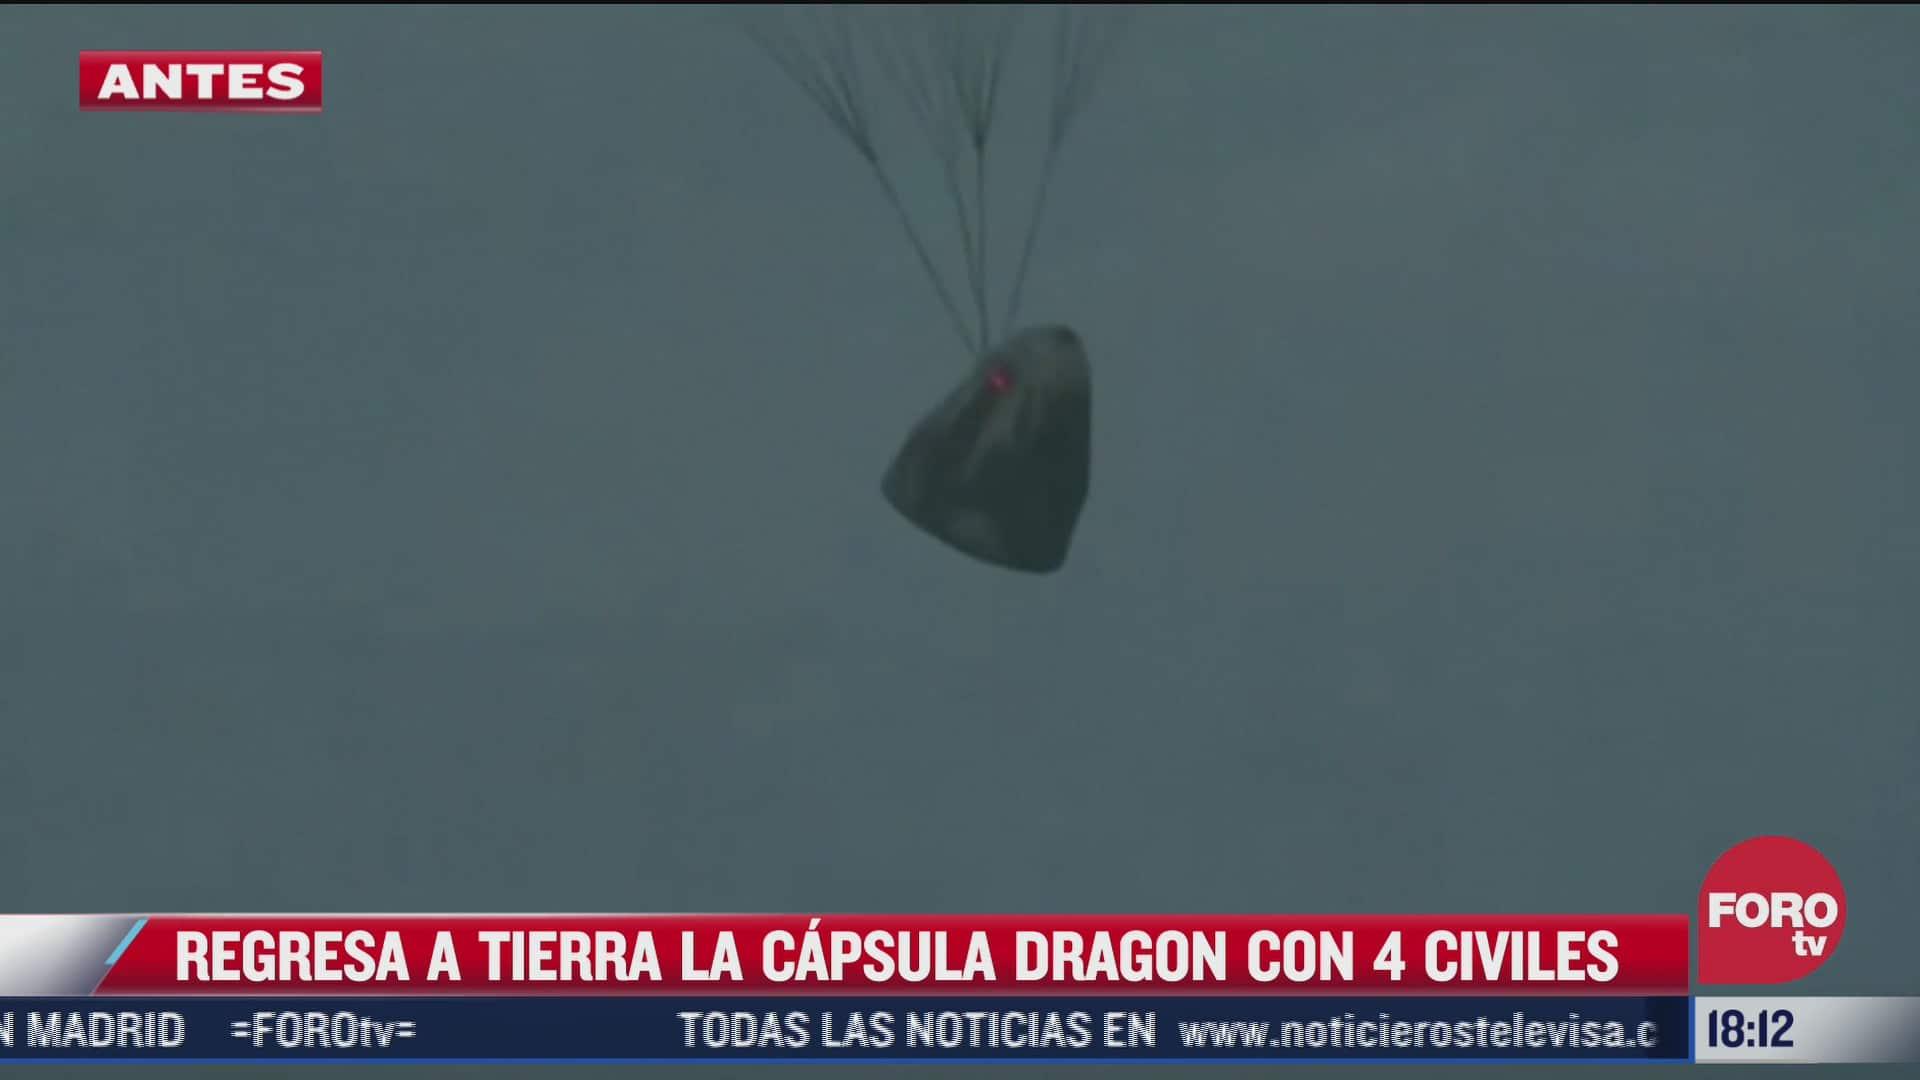 regresa a la tierra la capsula dragon